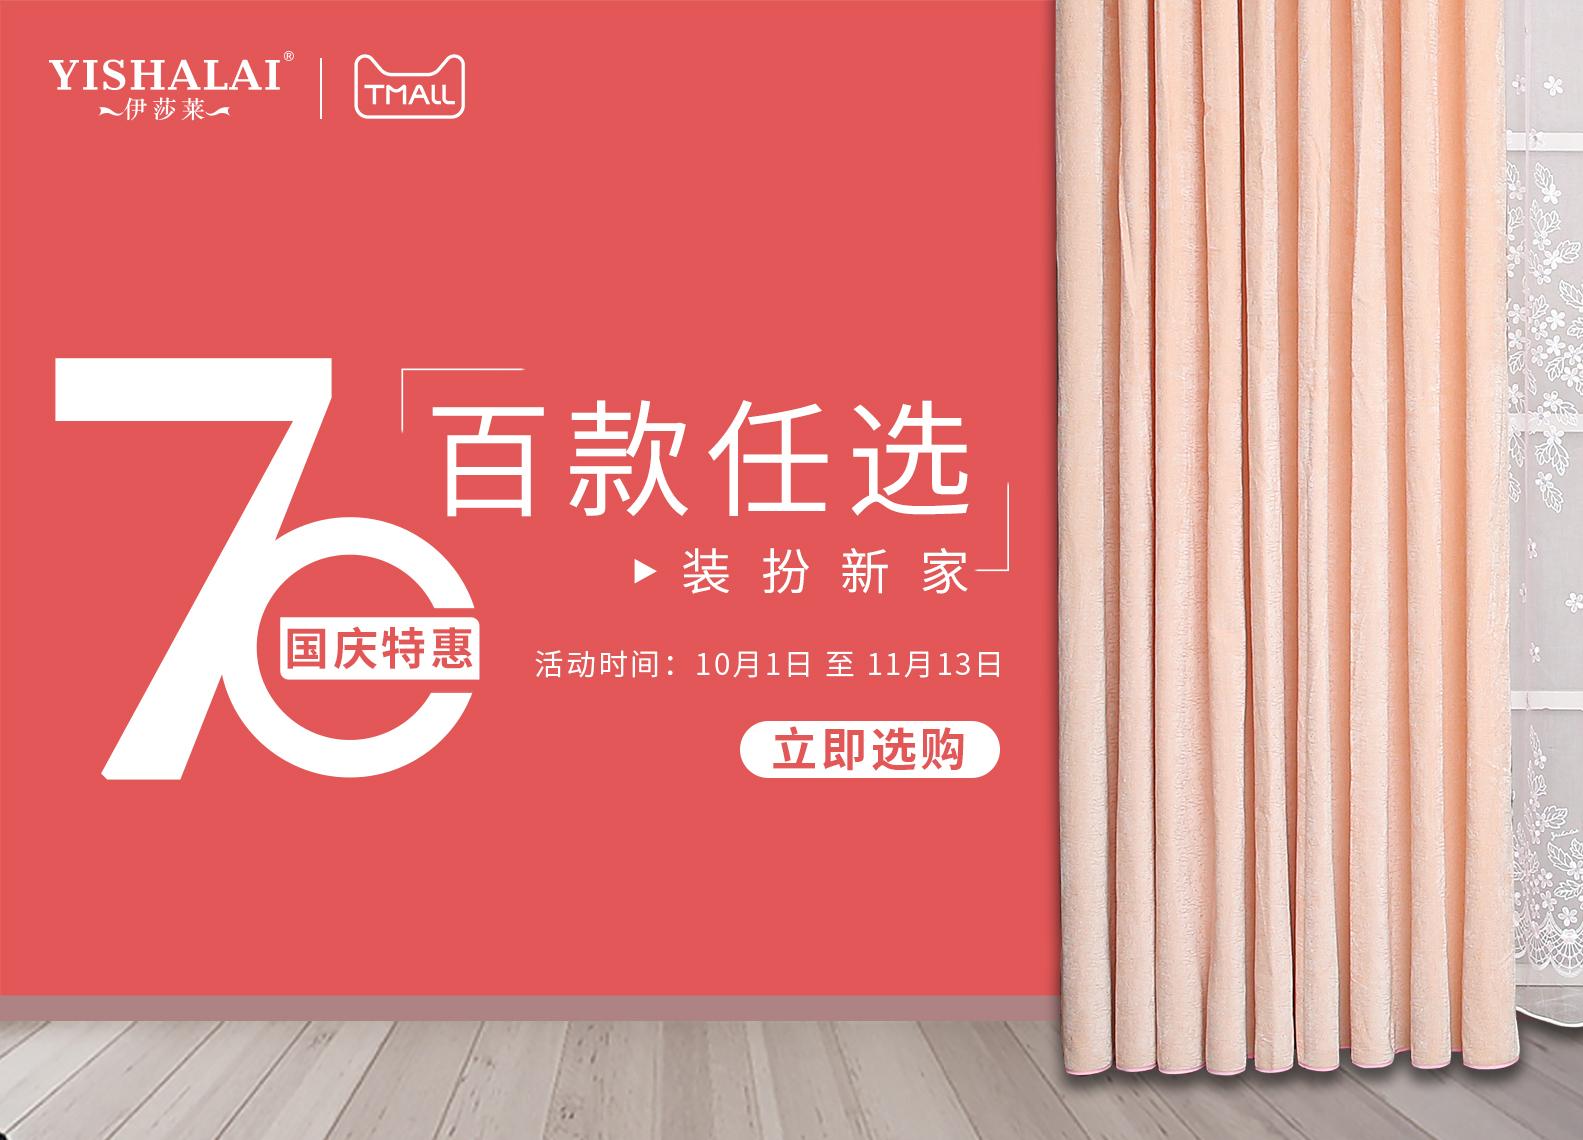 竞博天猫旗舰店国庆钜惠70元/套品牌竞博电竞靠谱吗